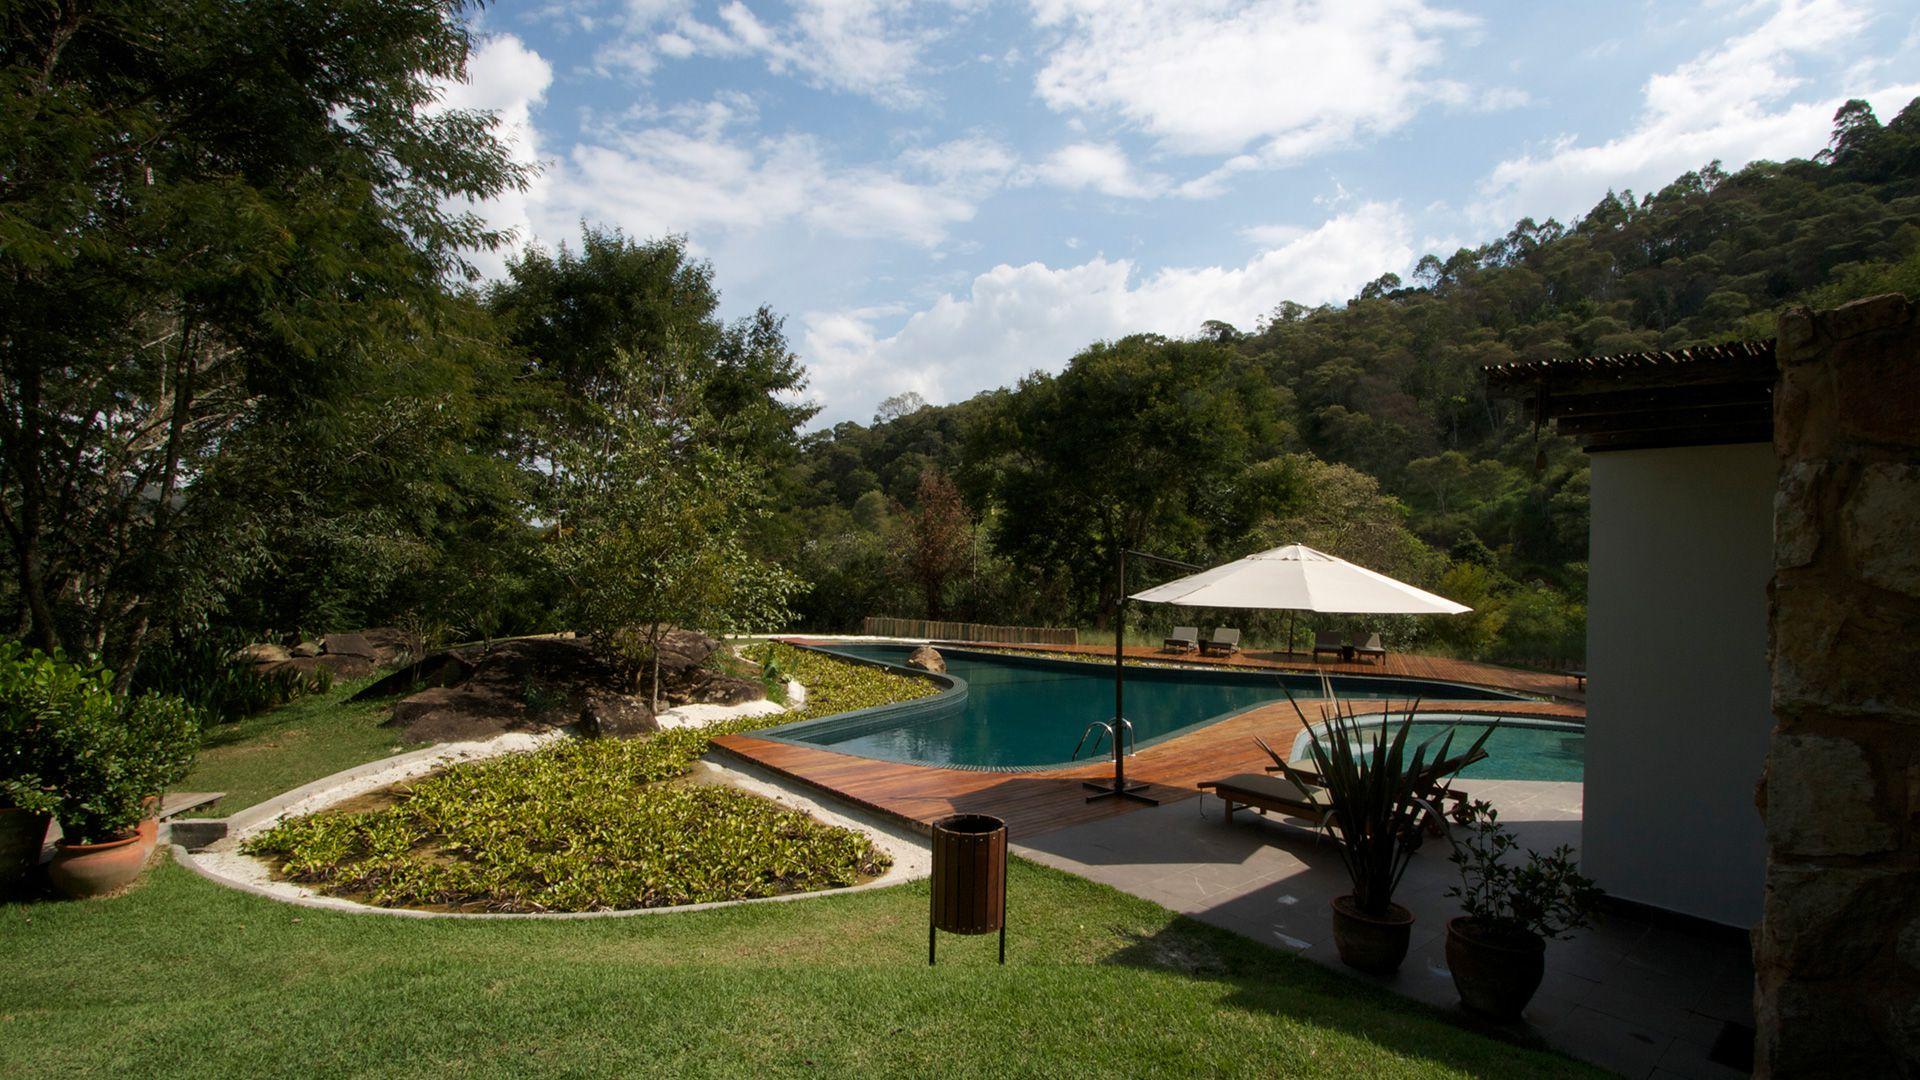 piscina-spa-botanique-foto-17